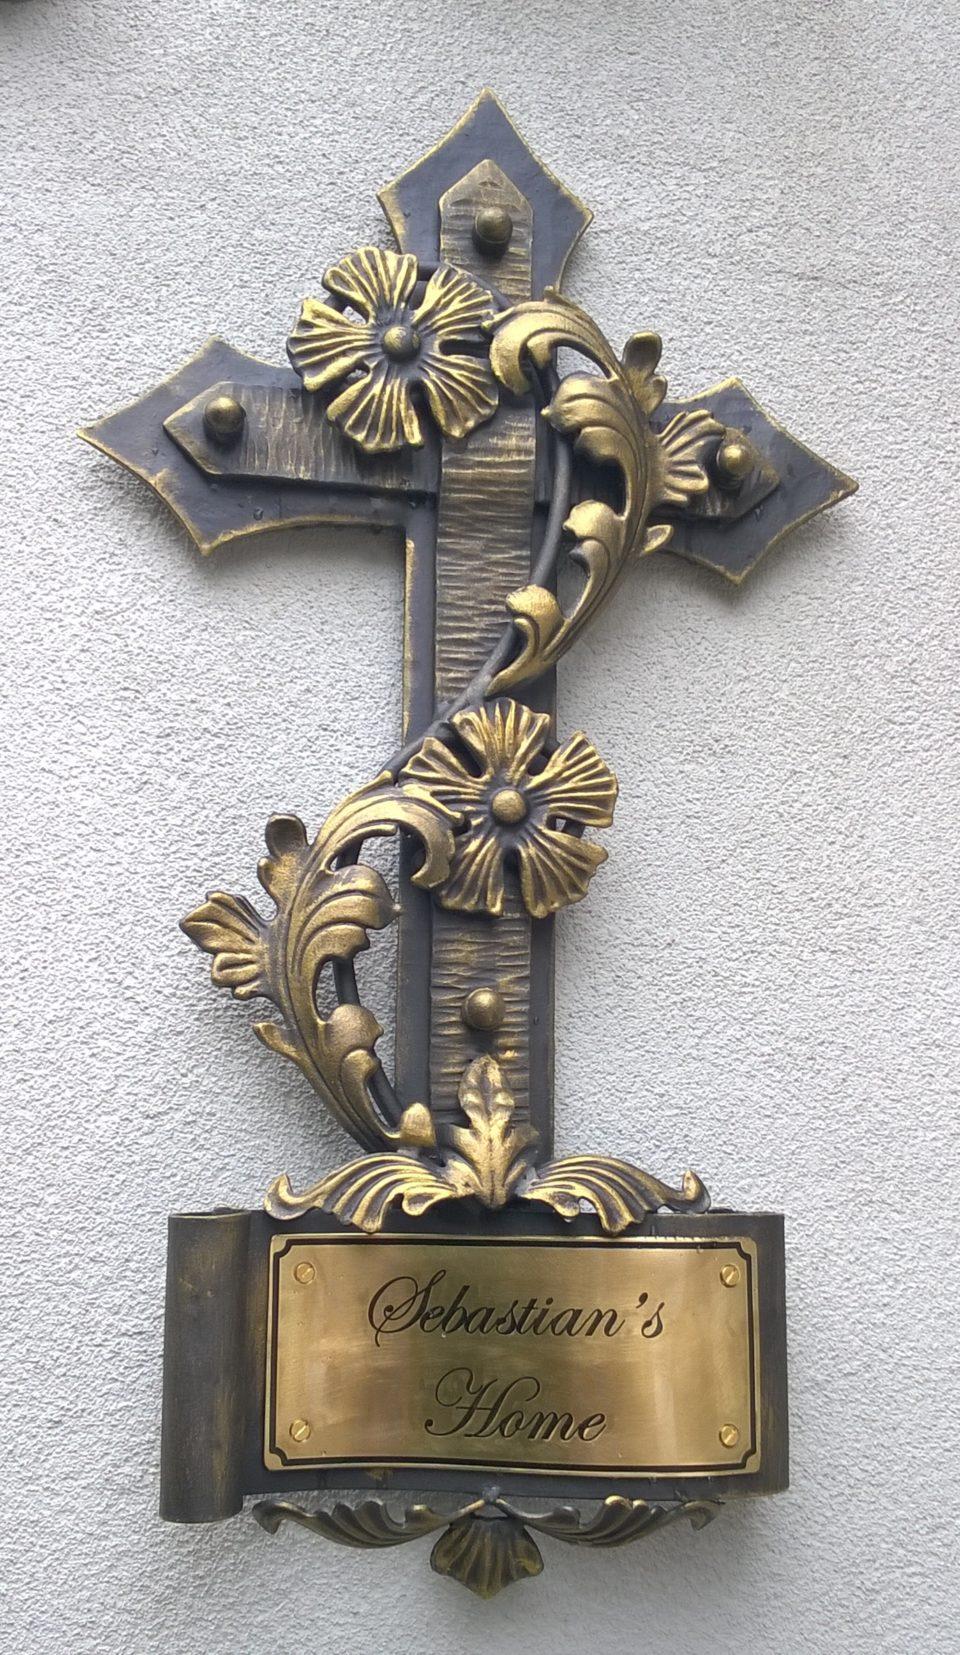 krzyż kuty kowalstwo metaloplastyka katafalkowy cmentarny dekoracyjny